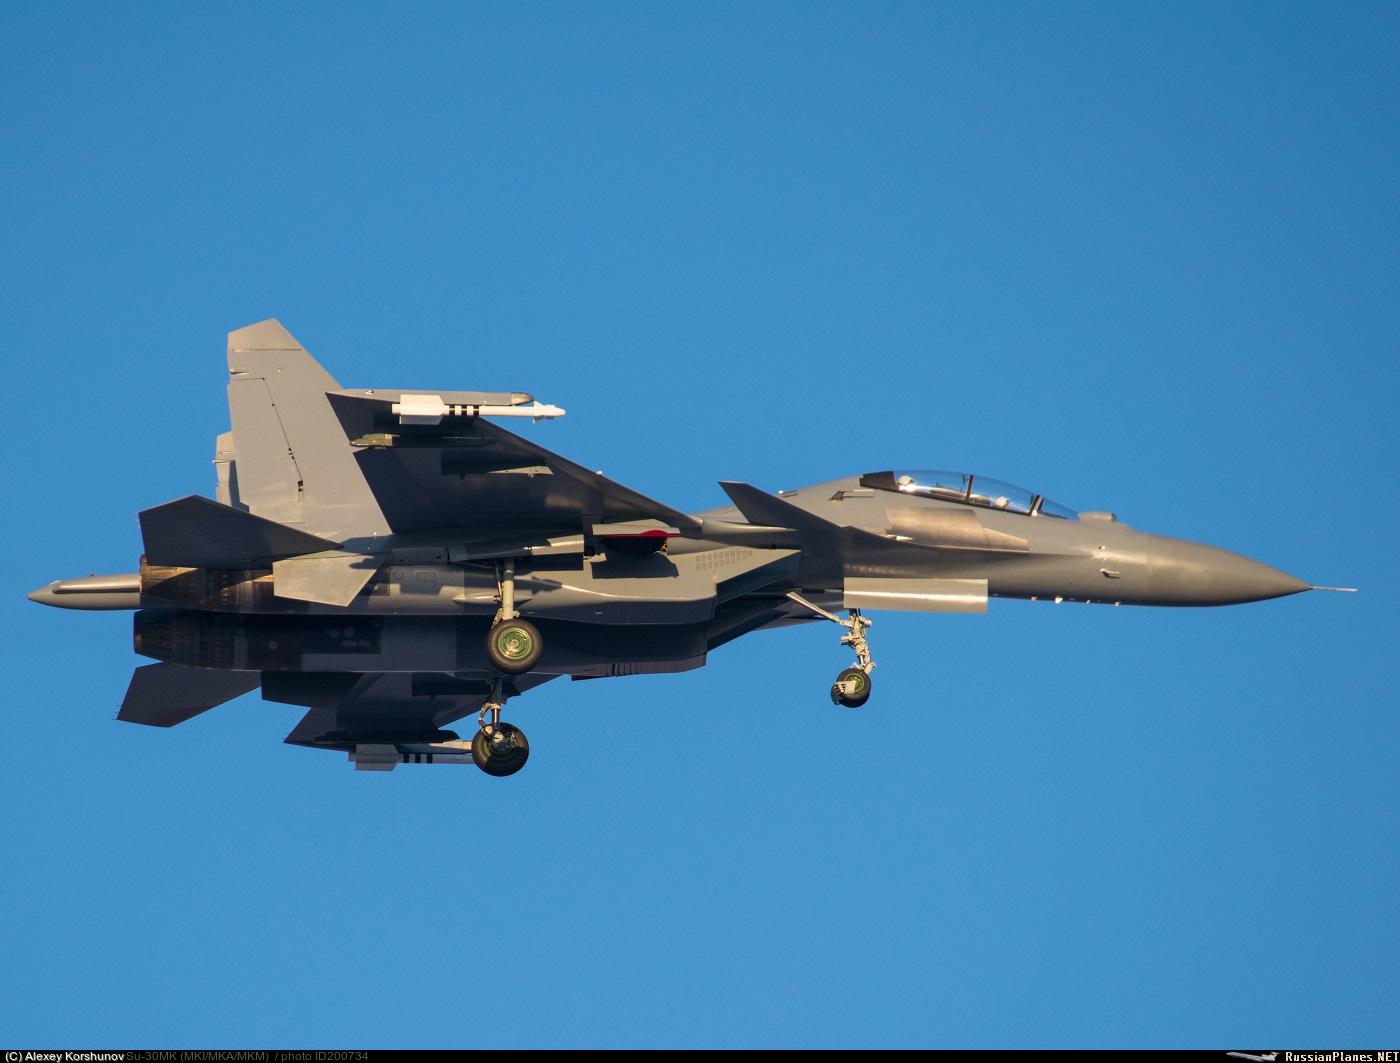 """الجزائر 2015  : تقتني 16 سوخوي 30MKA  وعقد لانظمة الدفاع الجوي  """"Antey -2500 """" - صفحة 9 200734"""